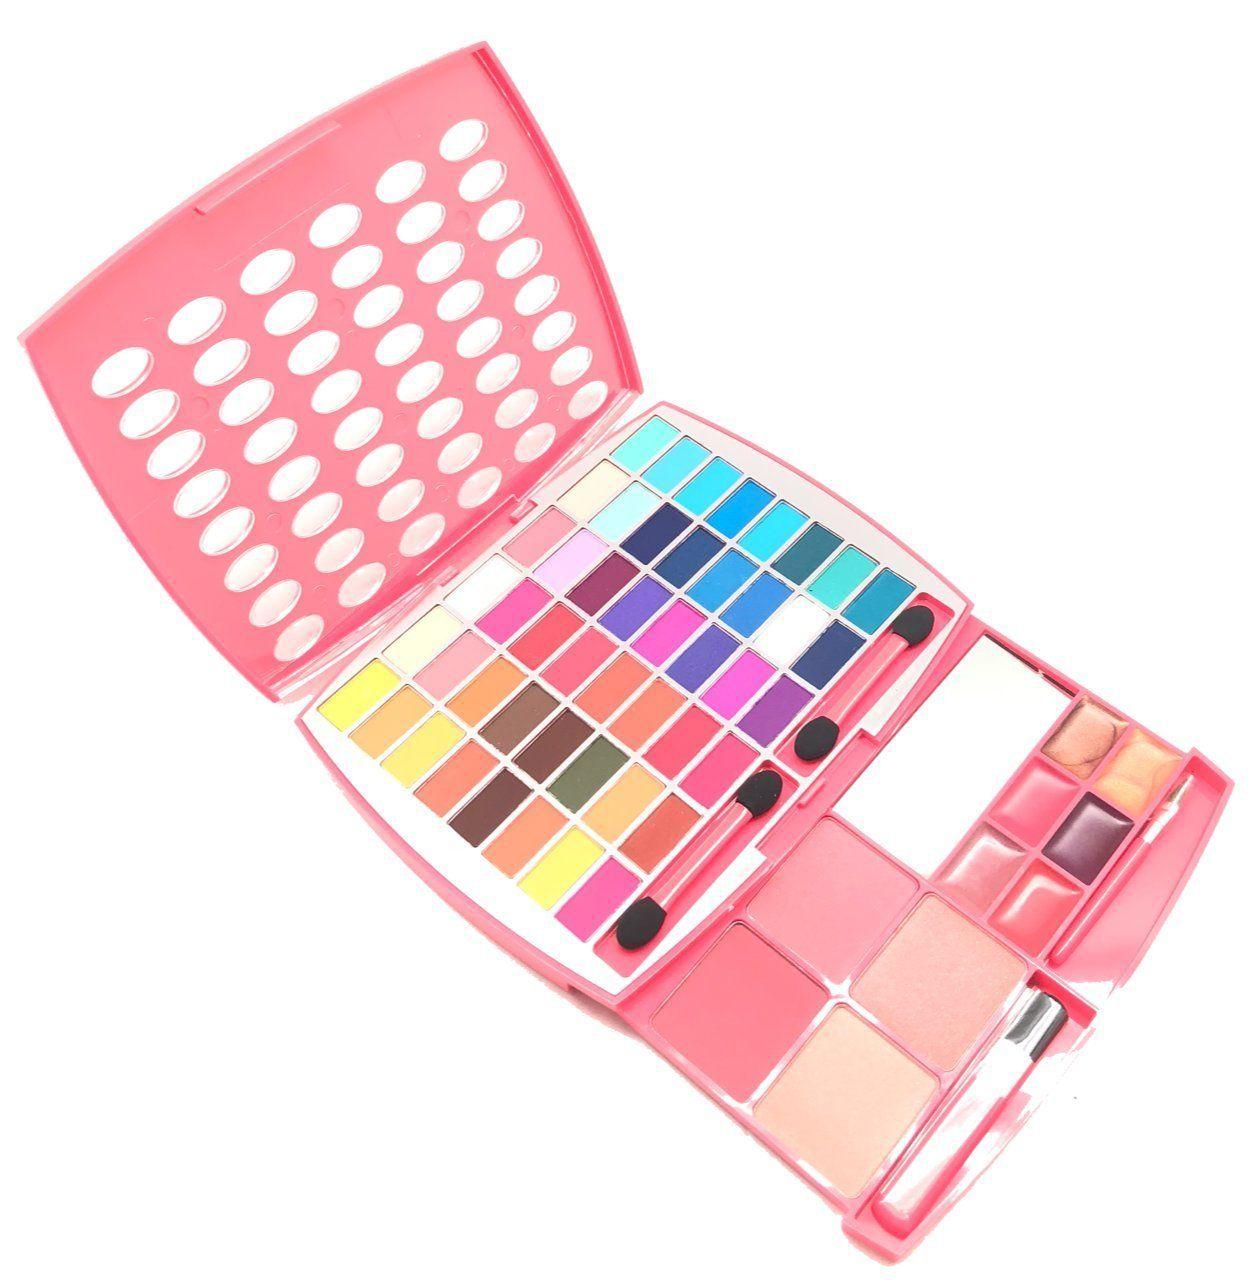 Br Makeup Kit Glamur Girl Kit 48 Eyeshadow 4 Blush 6 Lip